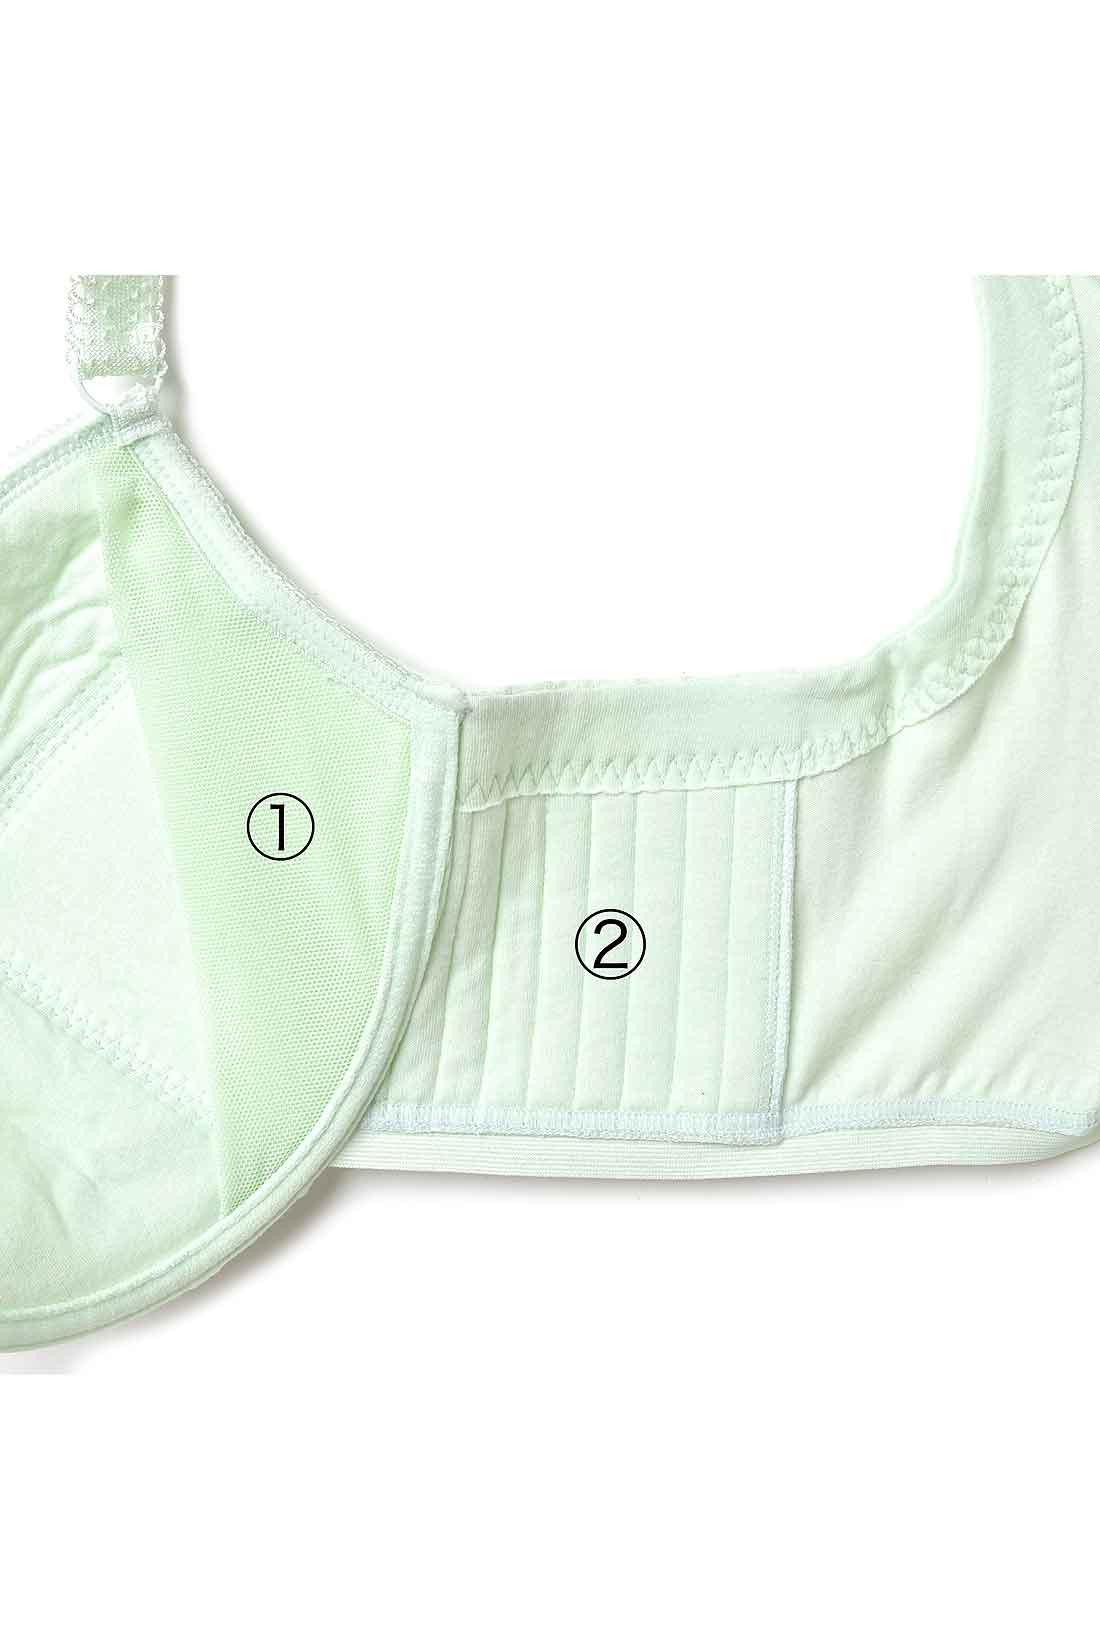 ①パワーネットの胸流れ防止パネルがバストの広がりを防ぎ、美胸をキープ。②さらにサイドパネルのステッチ入り厚手素材が胸流れをしっかりガード。